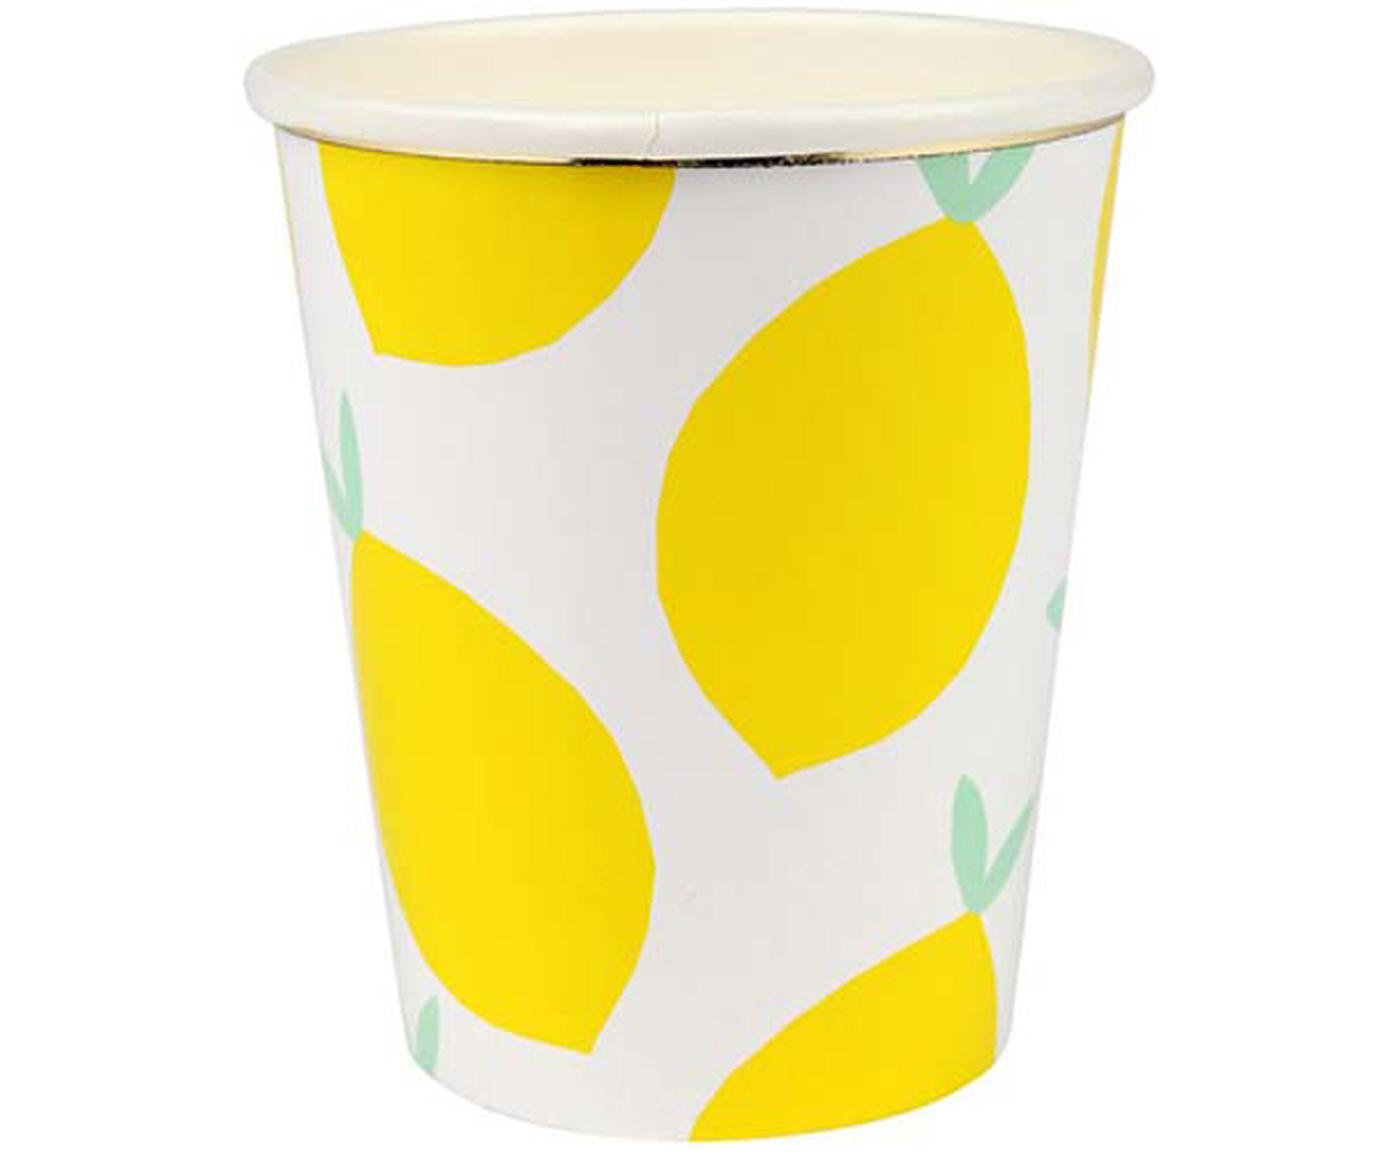 Papier-Becher Lemon, 8 Stück, Papier, foliert, Weiß, Gelb, Grün, Ø 8 x H 8 cm